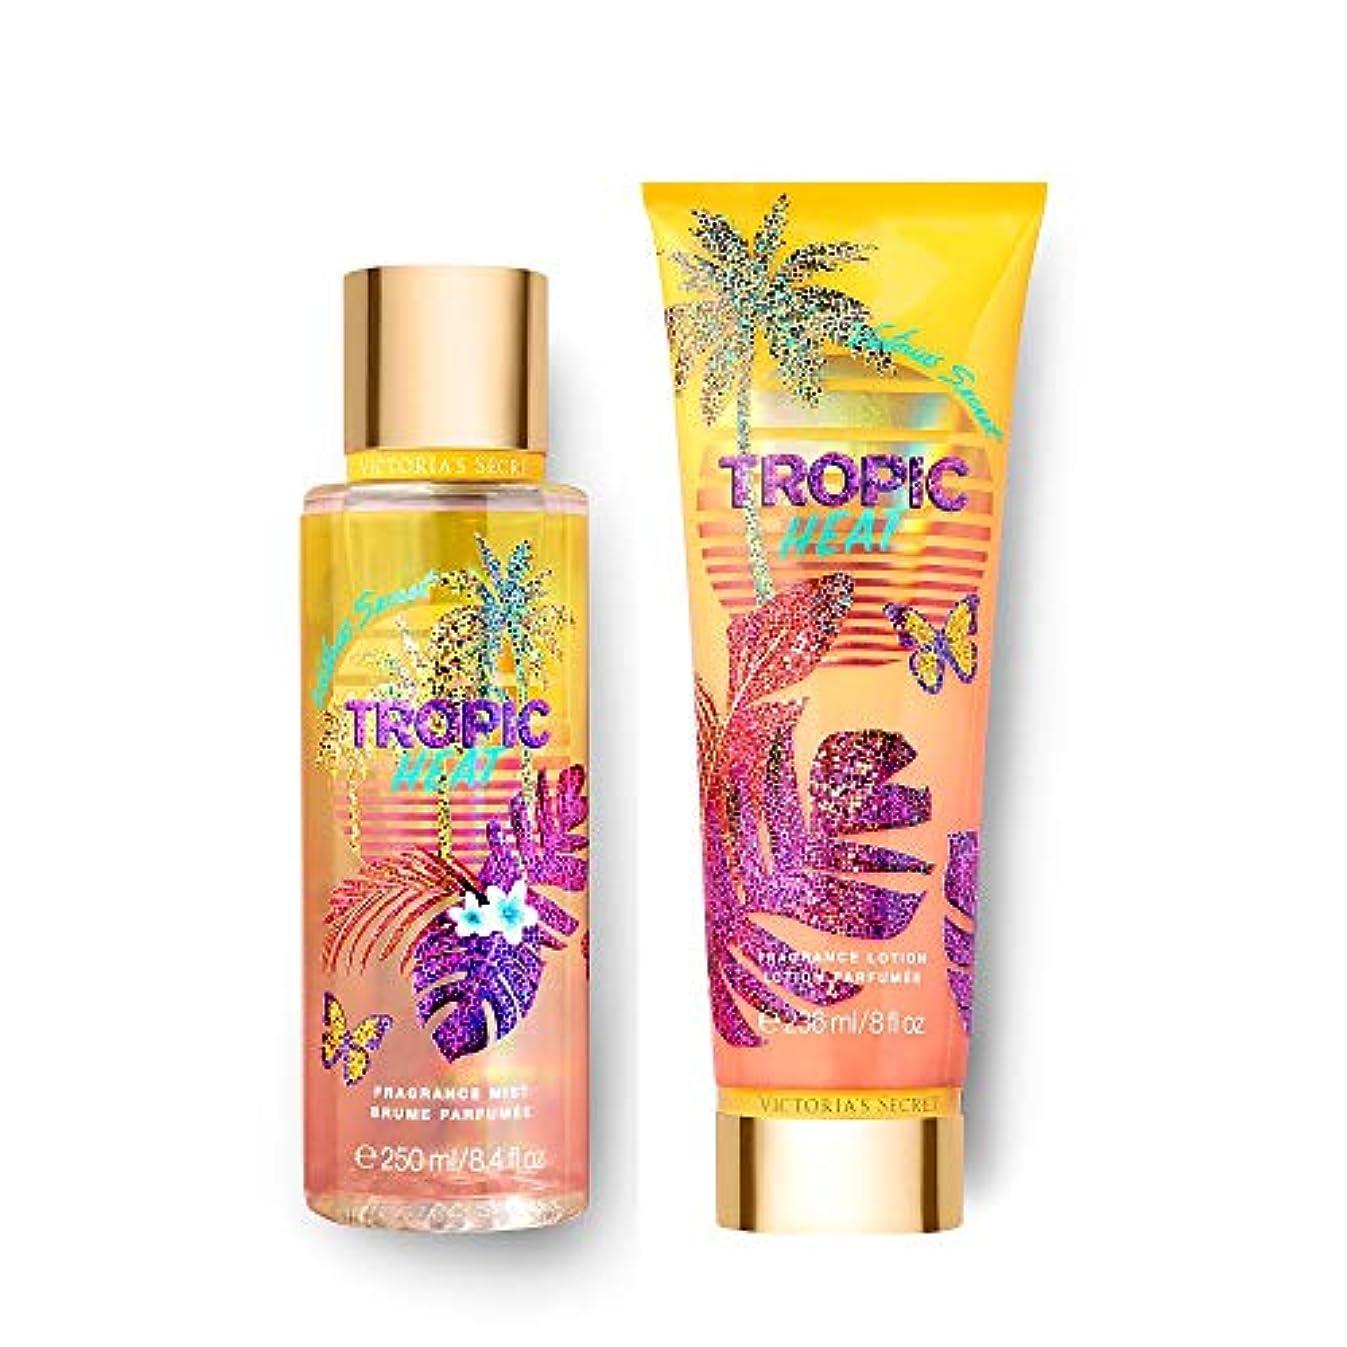 ?限定品?TropicDreamsCollection? ミスト&ローションセット Victoria'sSecretFantasies FragranceMist&FragranceLotion ヴィクトリアズシークレット...